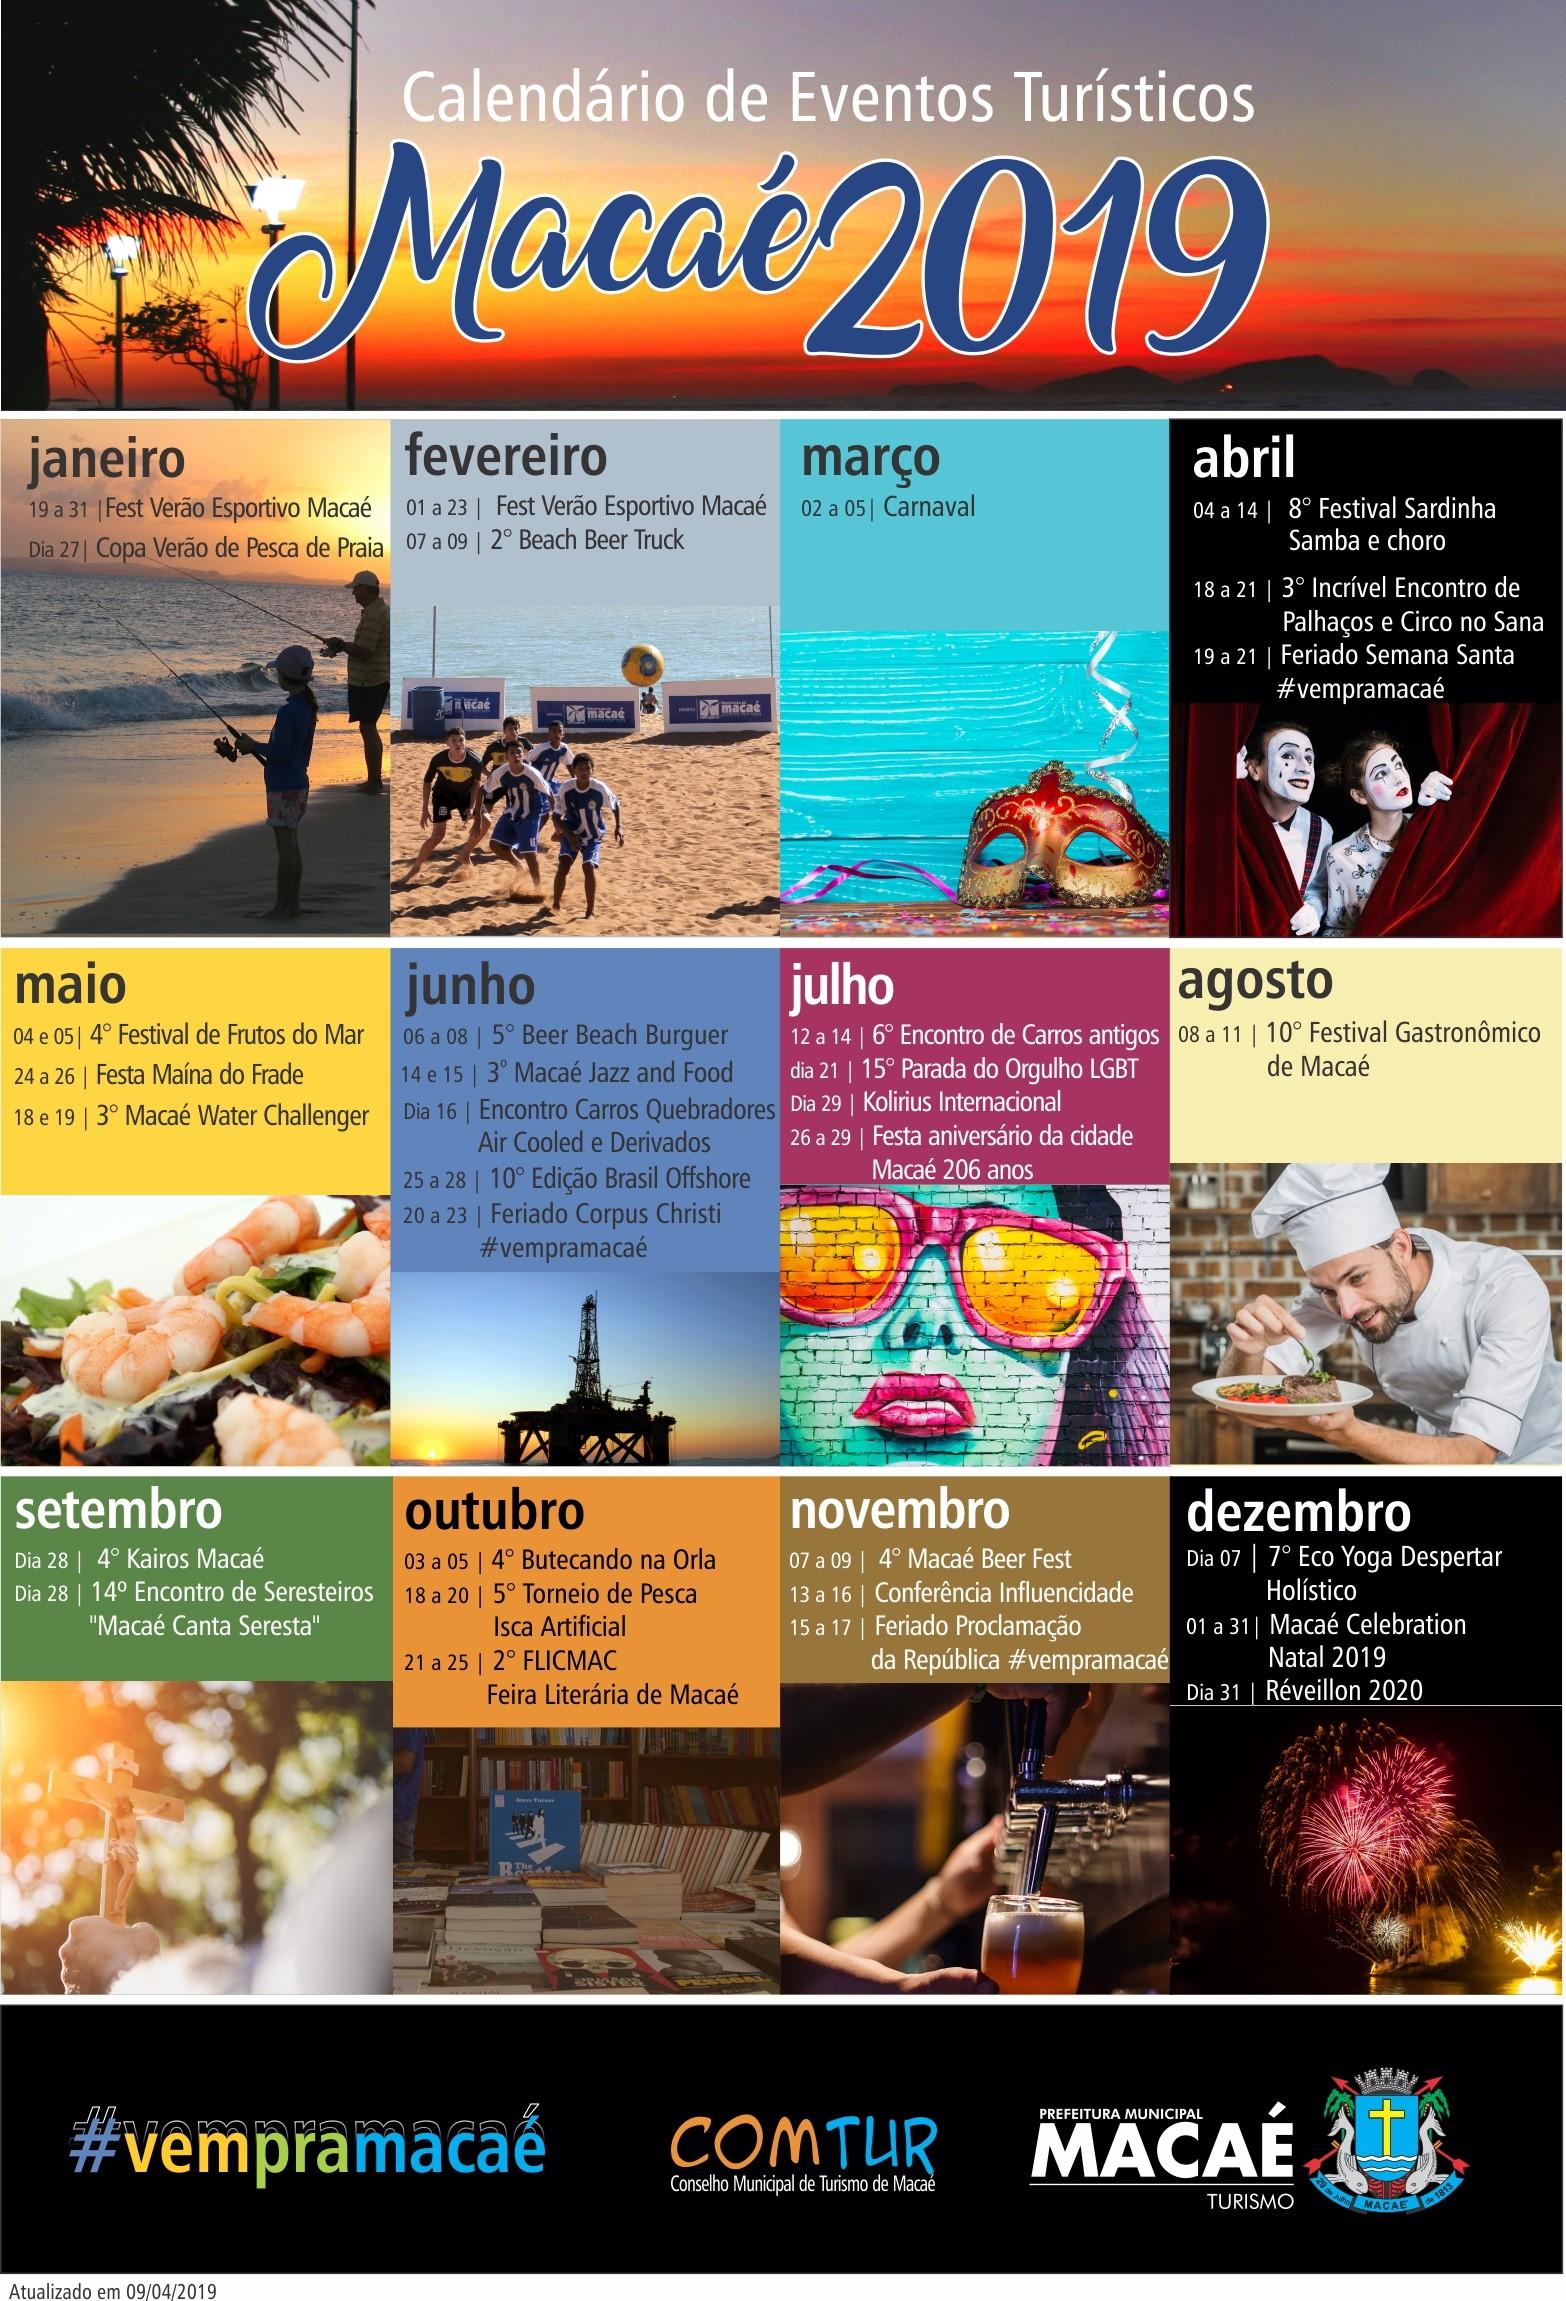 calendario turistico 2019 os 1995